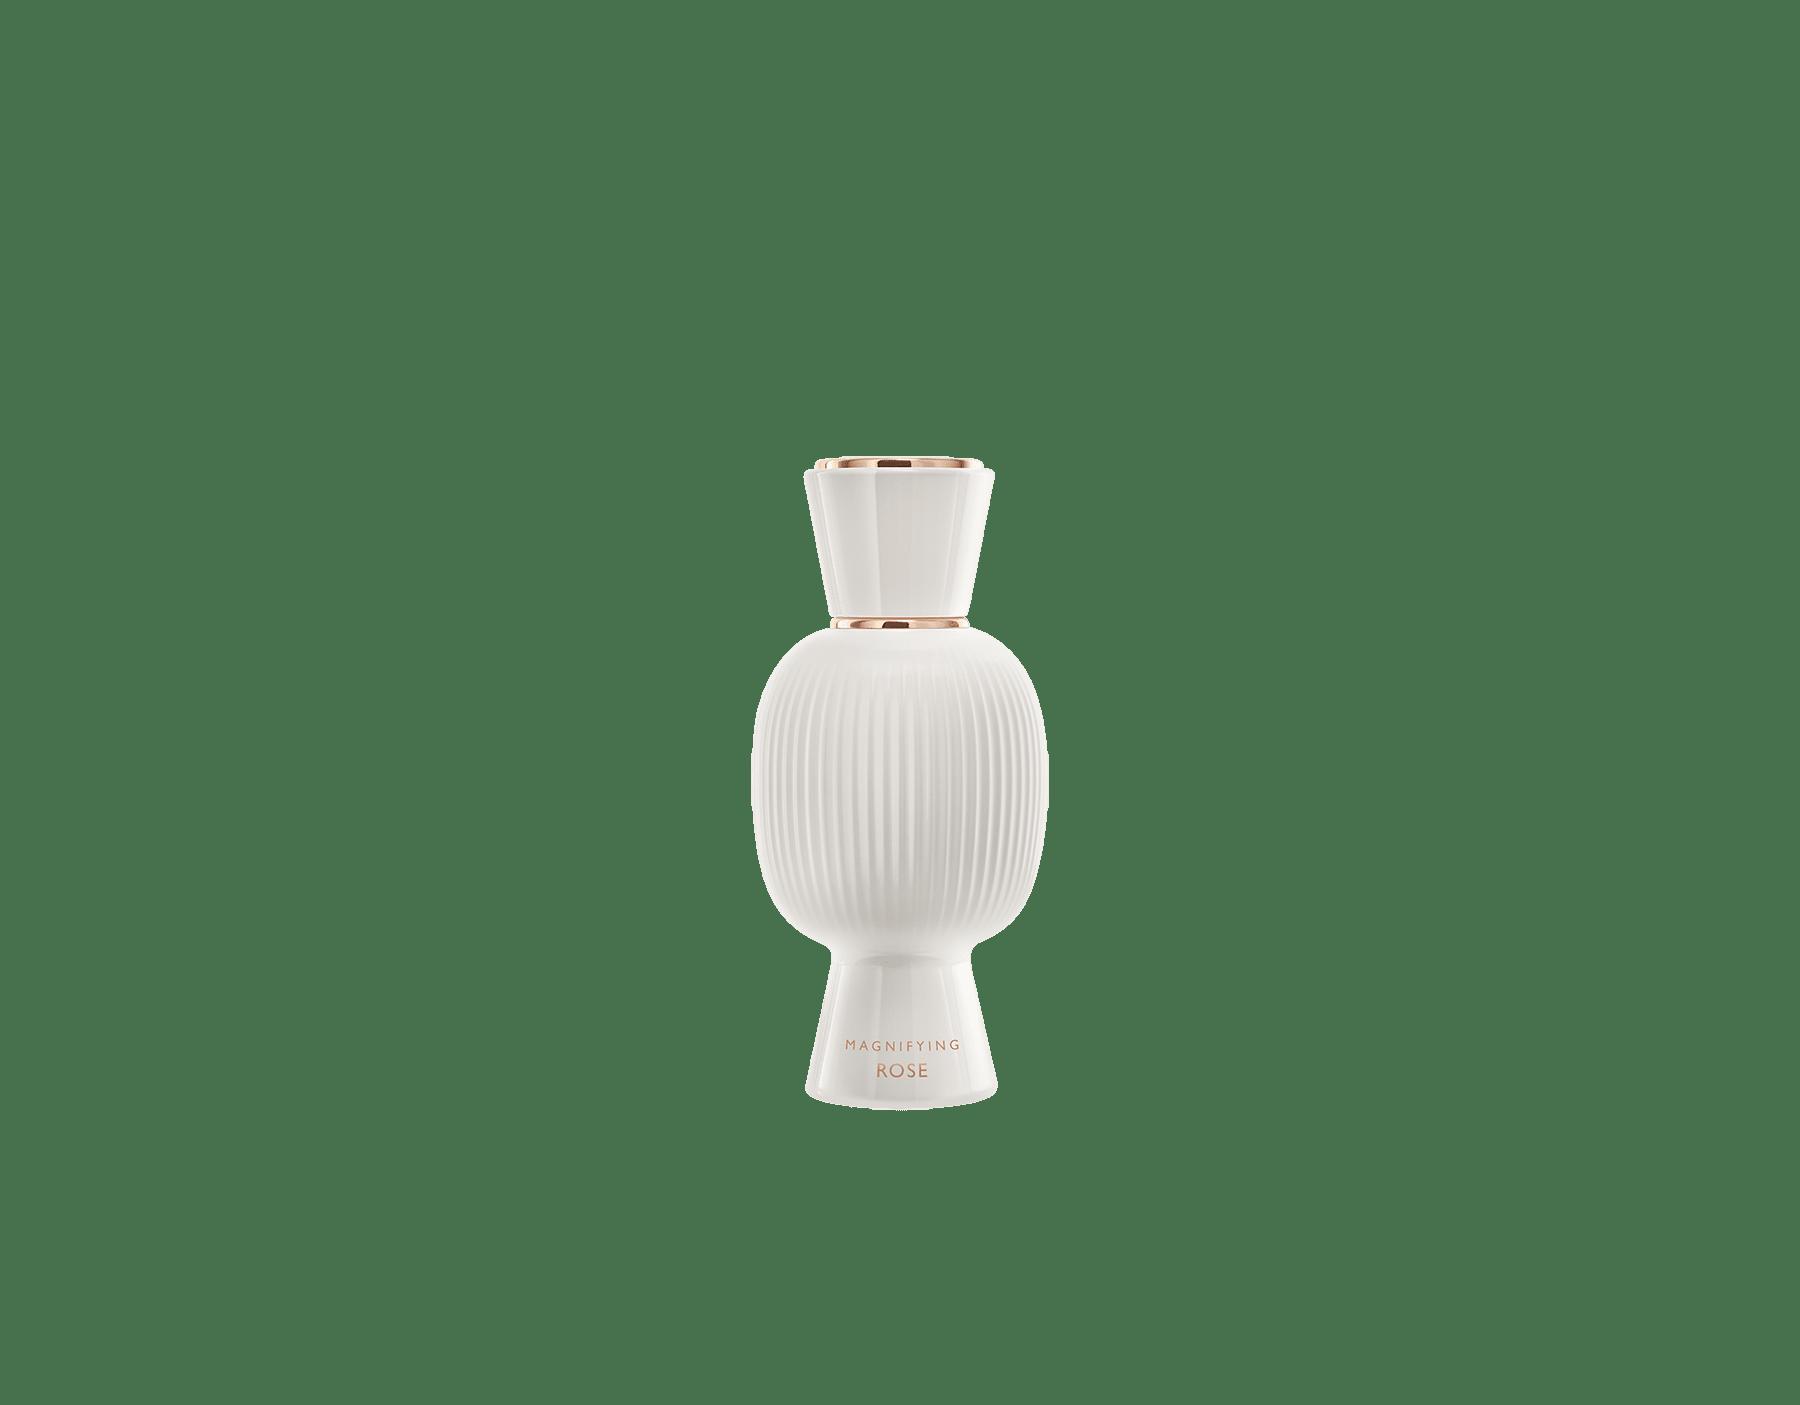 Эксклюзивный парфюмерный набор, вам под стать – такой же смелый и уникальный. В сочетании ярких шипровых нот парфюмерной воды Fantasia Veneta Allegra и роскошной бархатистой эссенции Magnifying Rose рождается неотразимый женский аромат с индивидуальным характером. Perfume-Set-Fantasia-Veneta-Eau-de-Parfum-and-Rose-Magnifying image 3